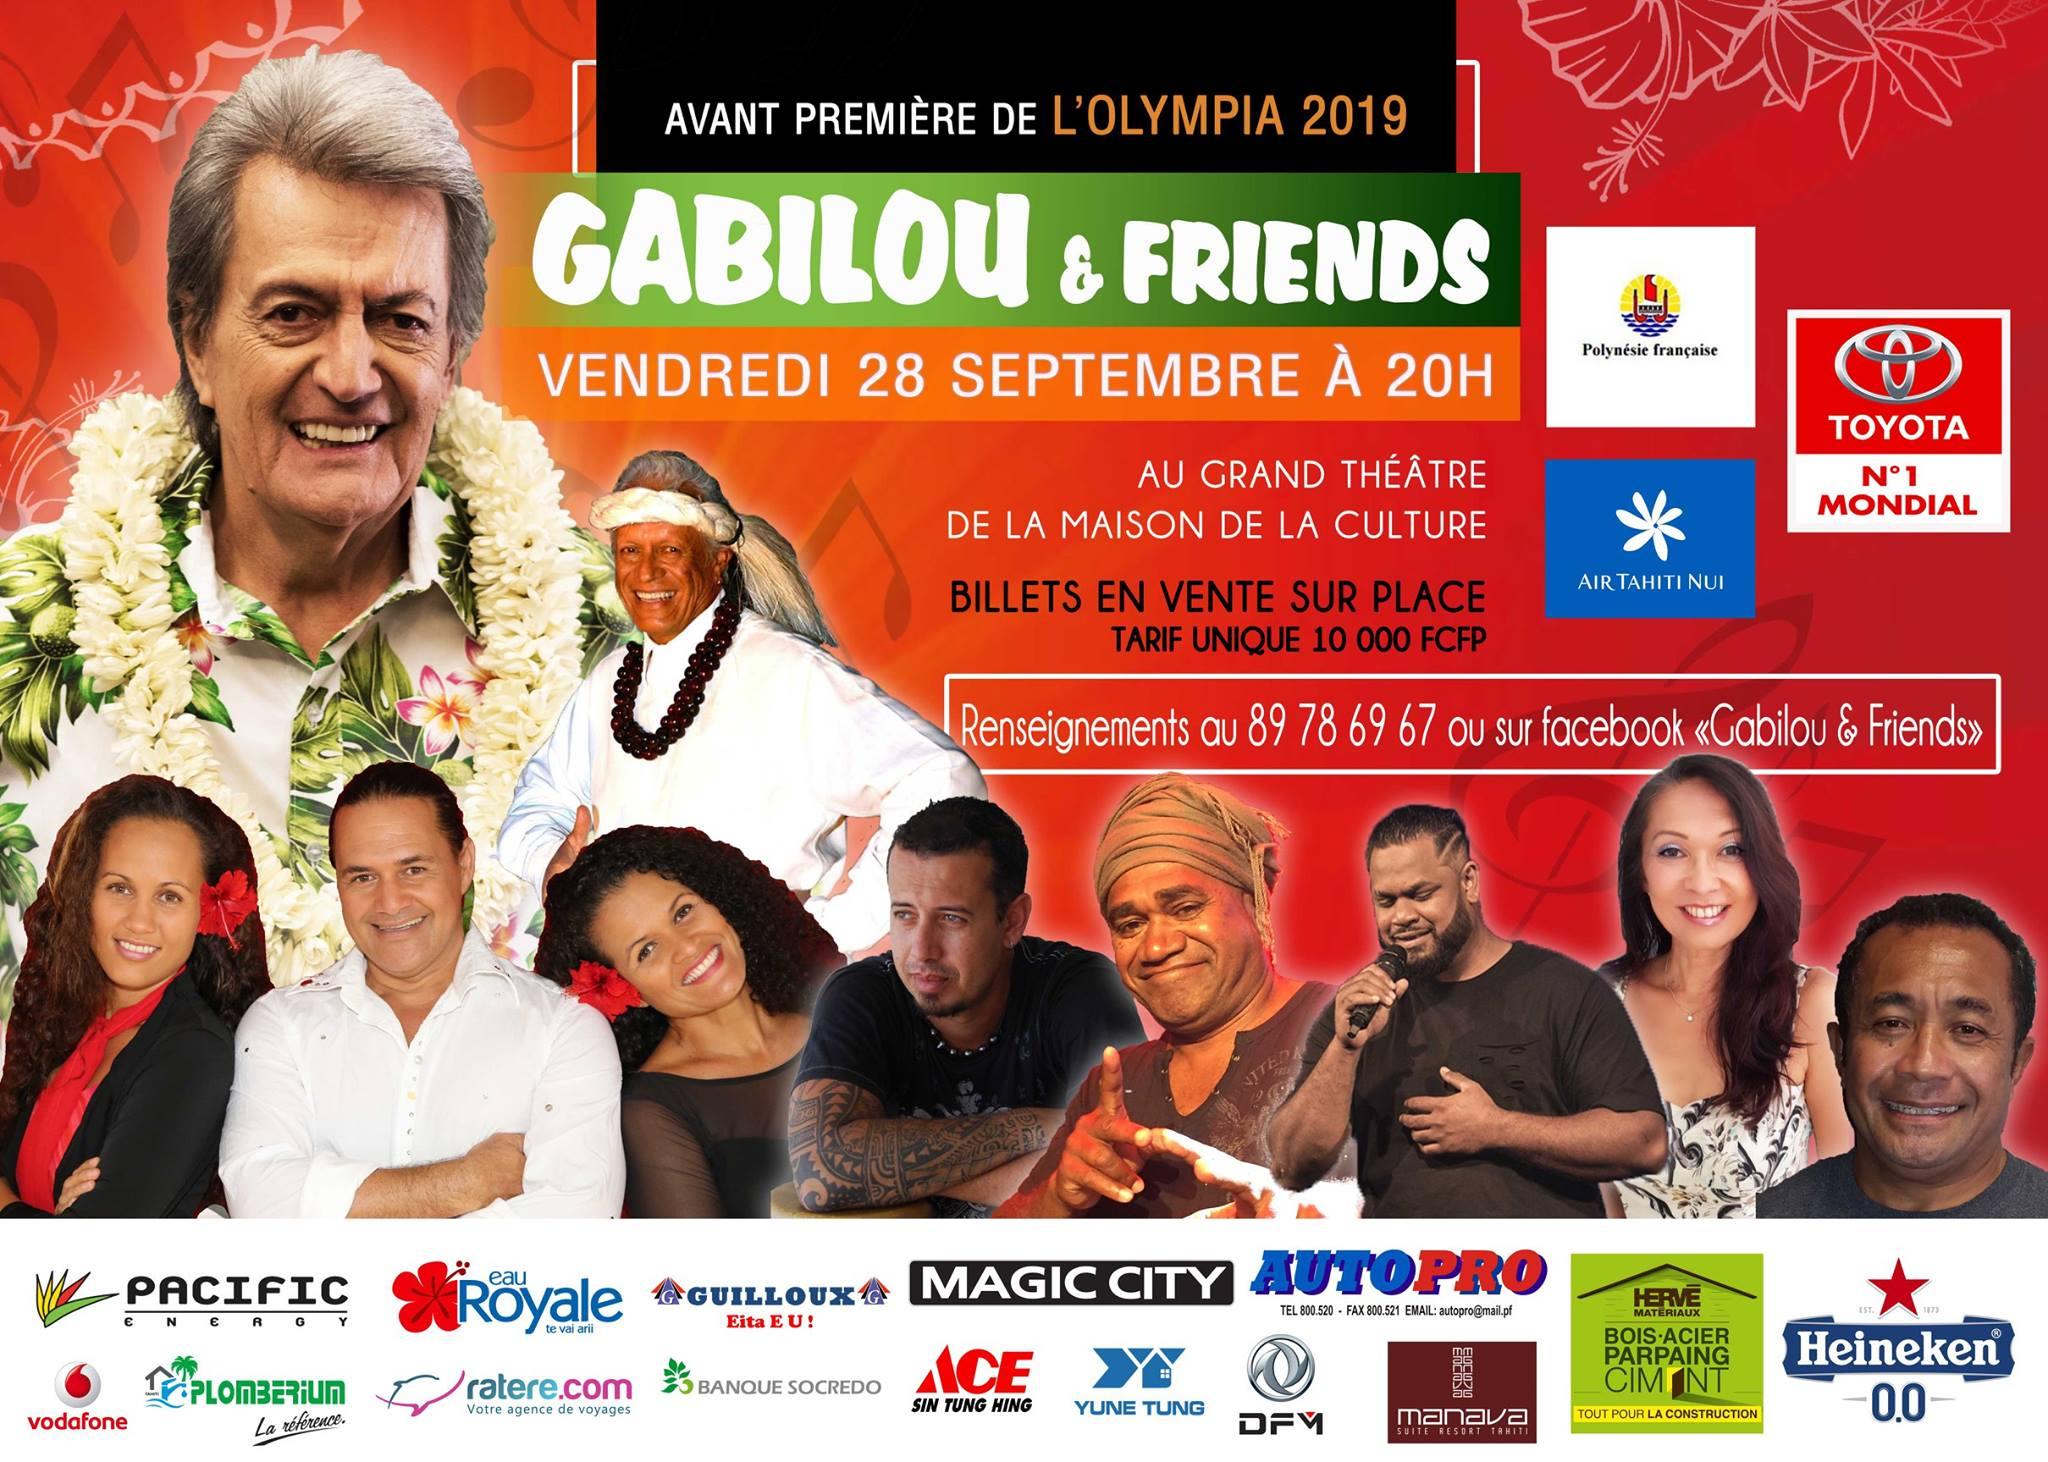 Gabilou & Friends, le spectacle de l'Olympia en avant-première